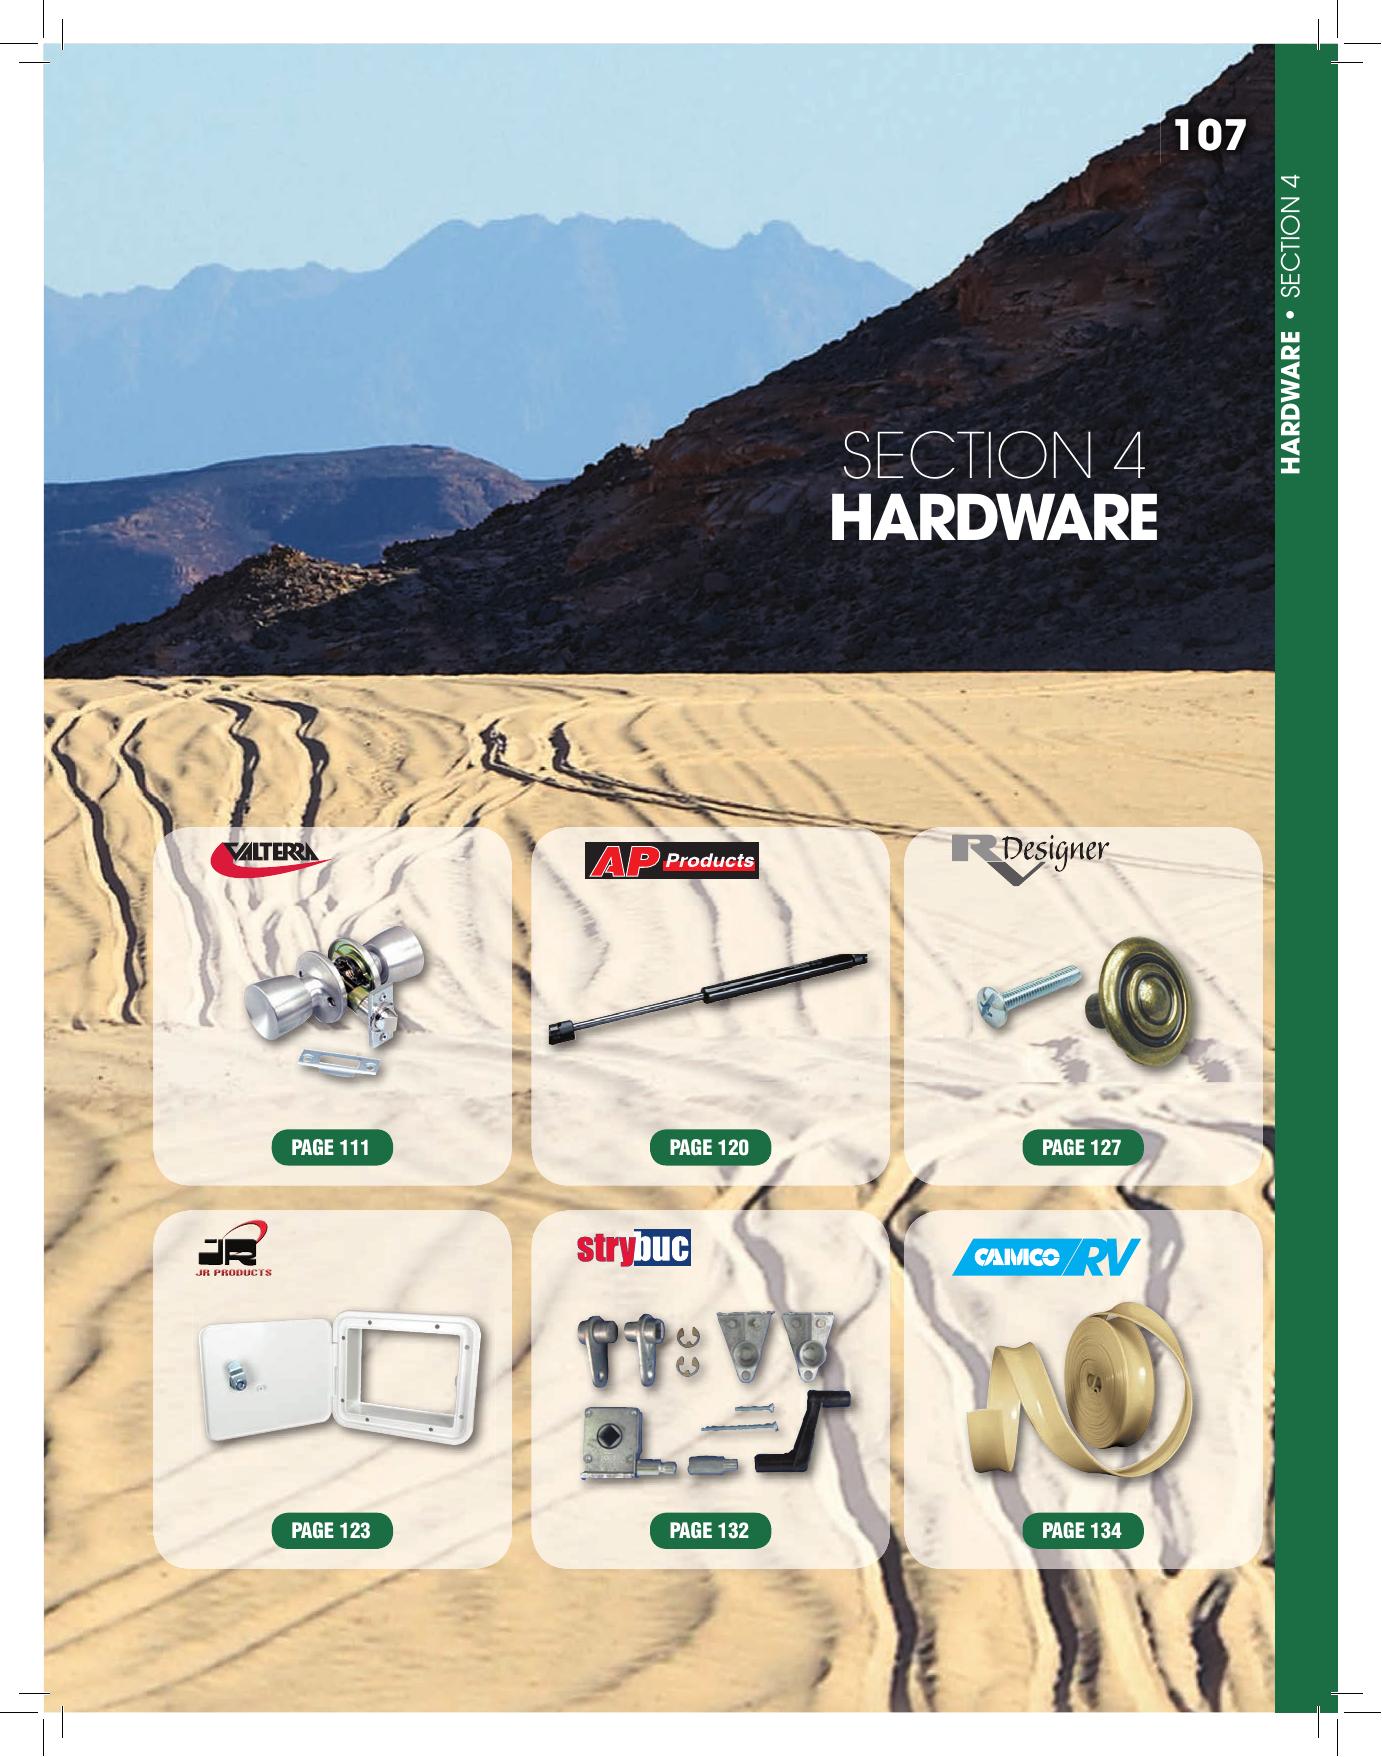 Hardware Manualzz